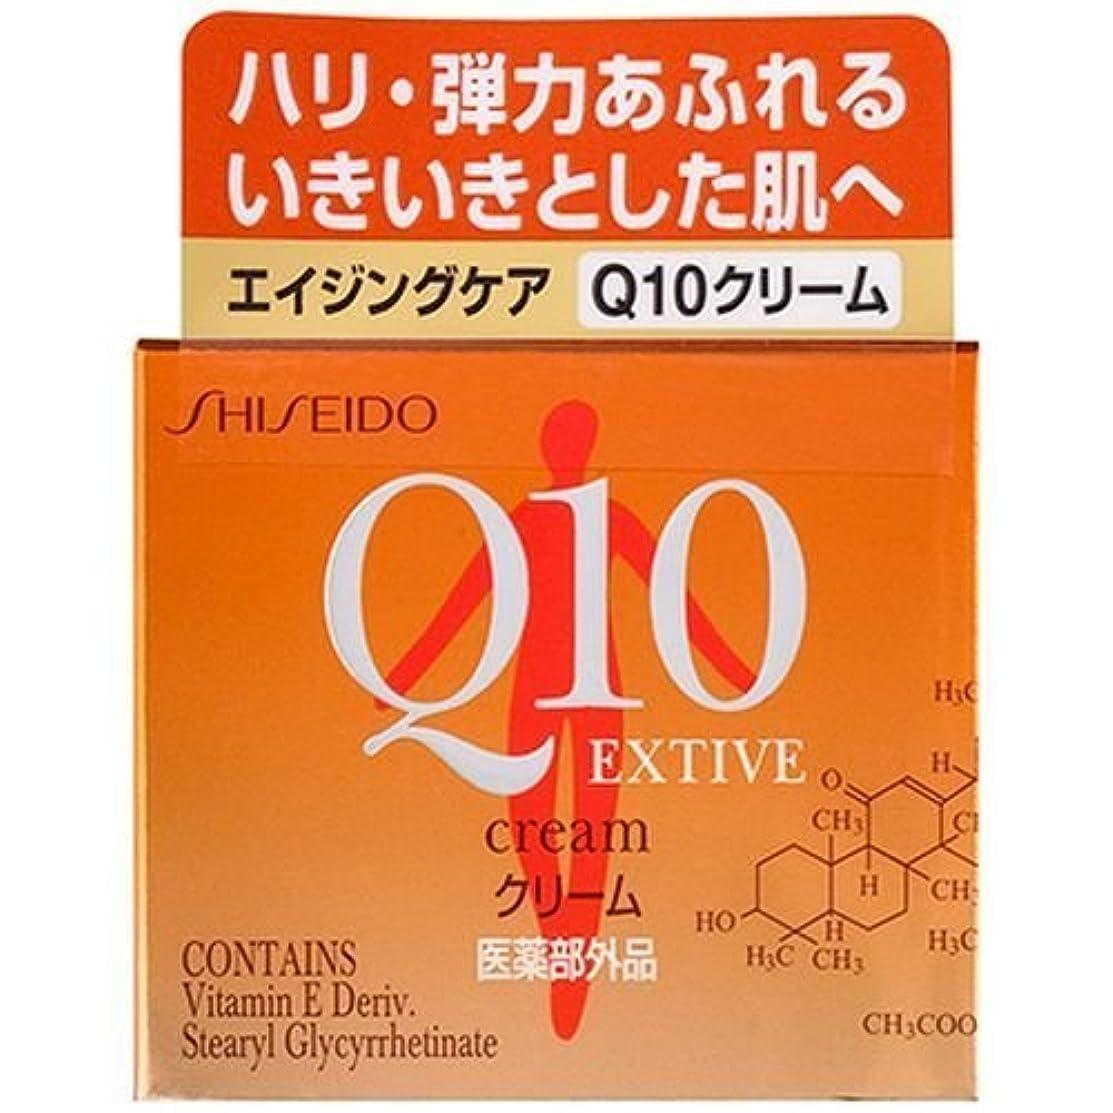 蒸留する概要北米資生堂 Q10 クリーム 30g (エクティブクリーム)